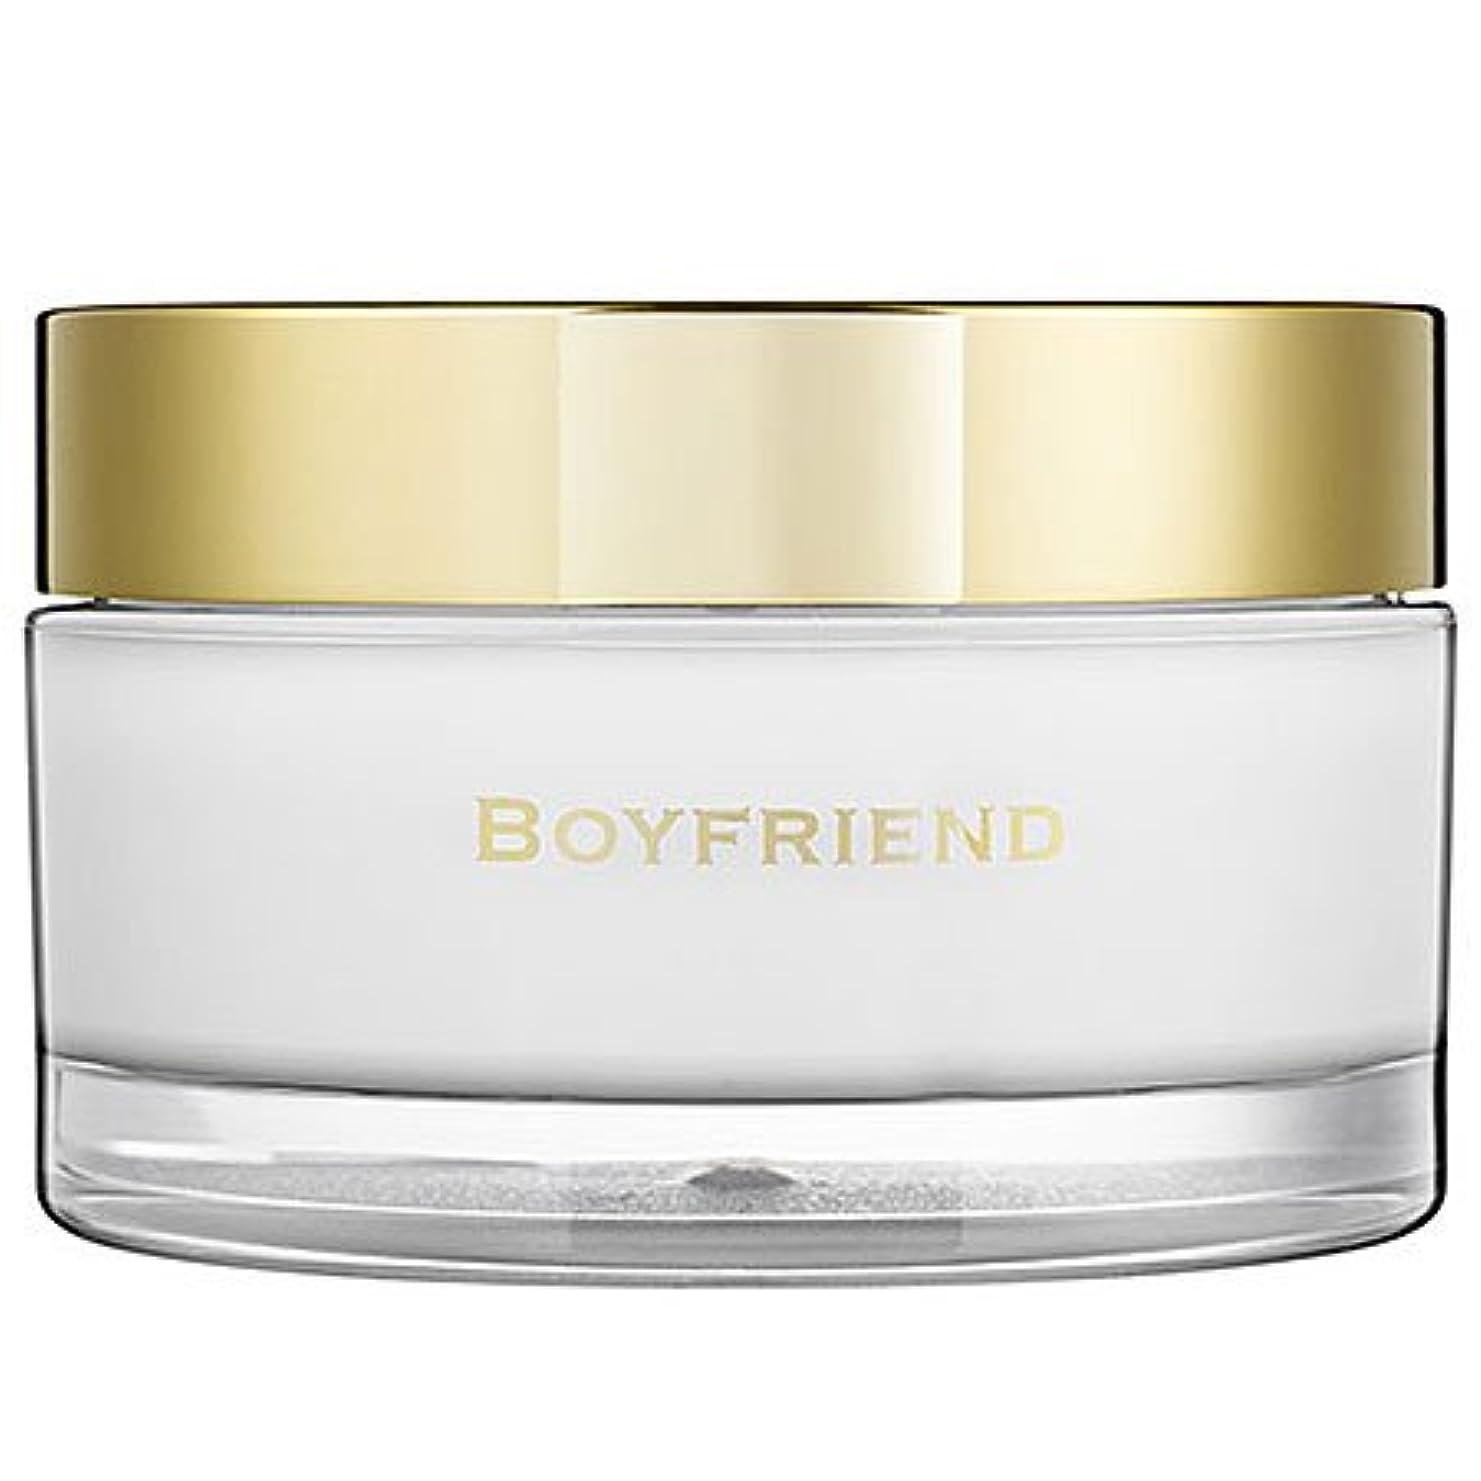 子供っぽい内訳うんざりBoyfriend (ボーイフレンド) 6.7 oz (200ml) Body Cream by Kate Walsh for Women